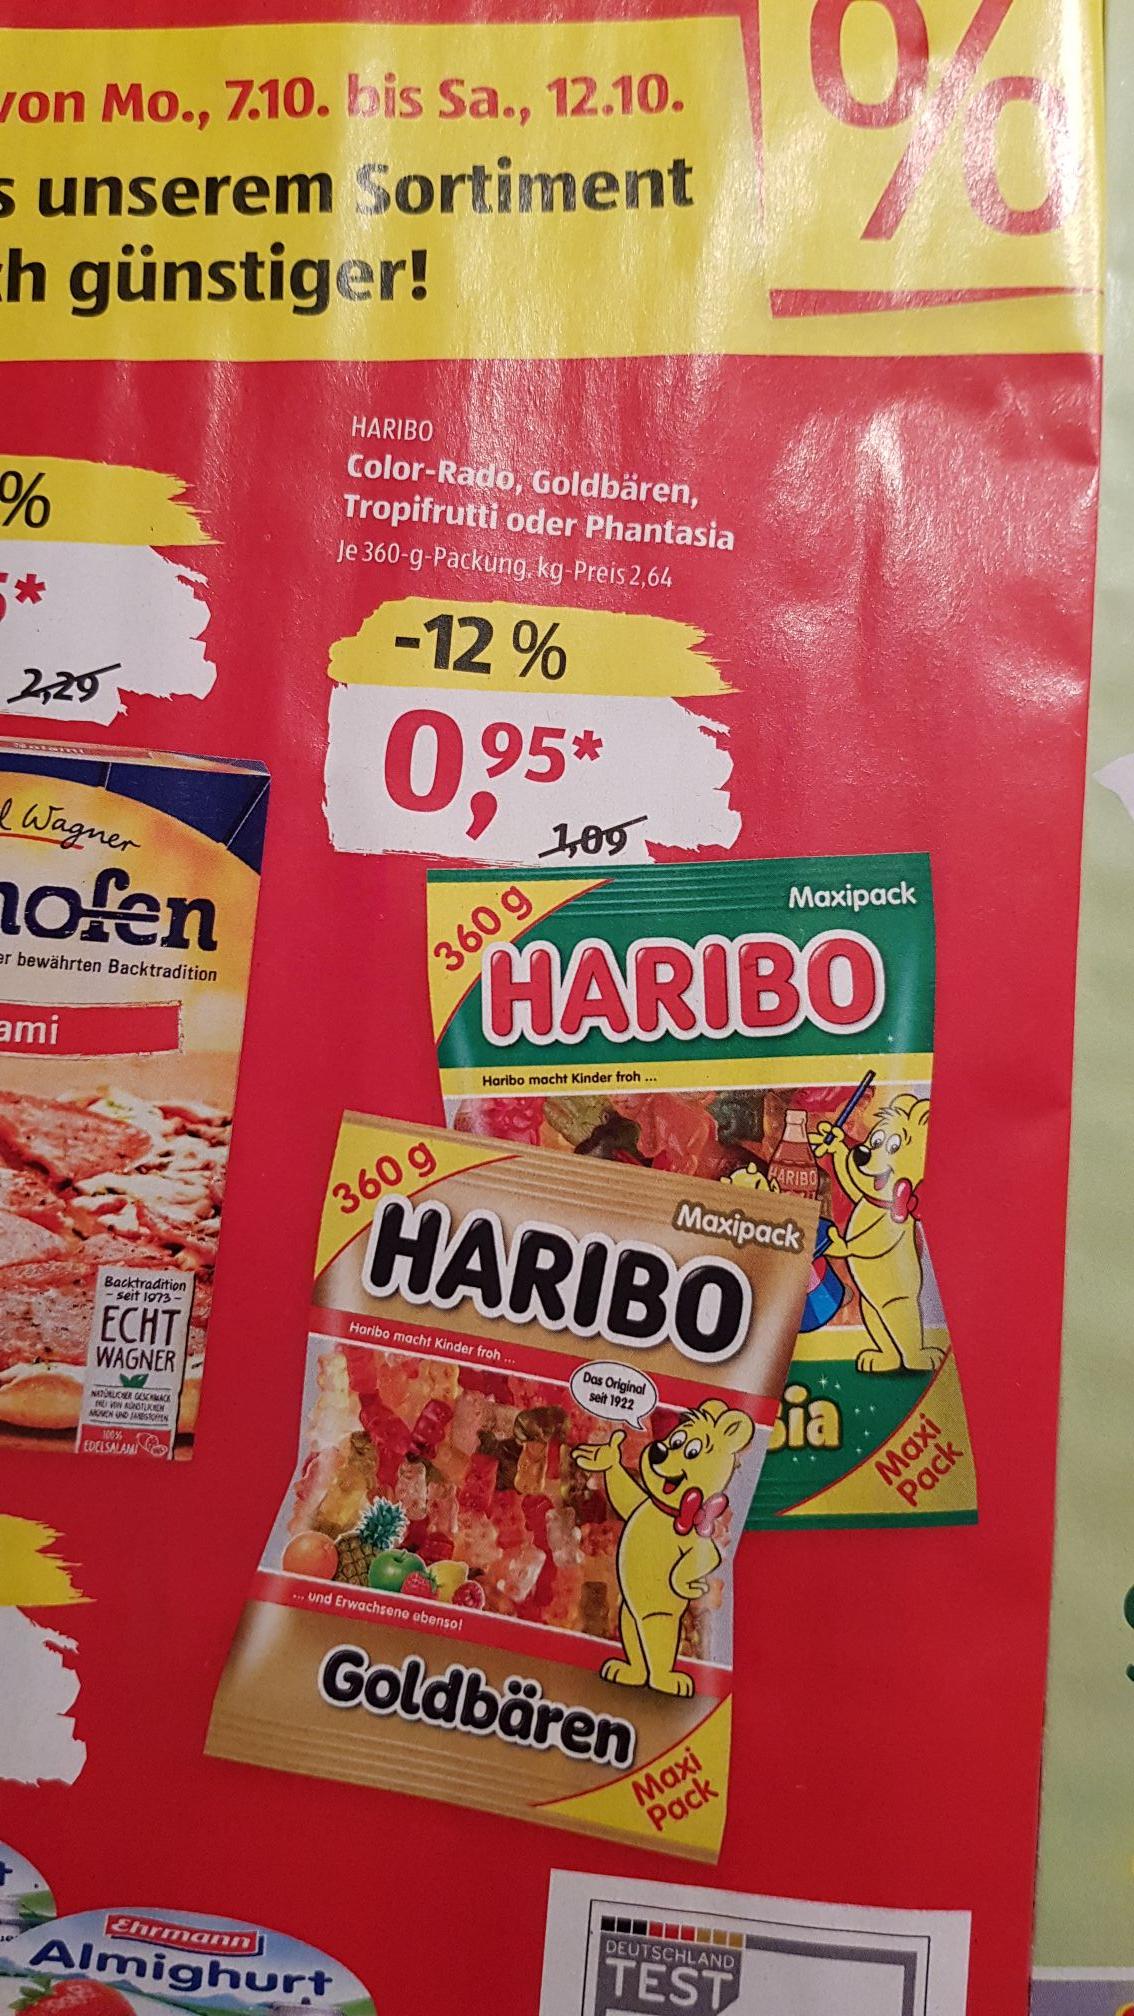 Haribo Color-Rado, Goldbären, Tropifrutti oder Phantasia für 2,64€/kg bei Aldi Süd